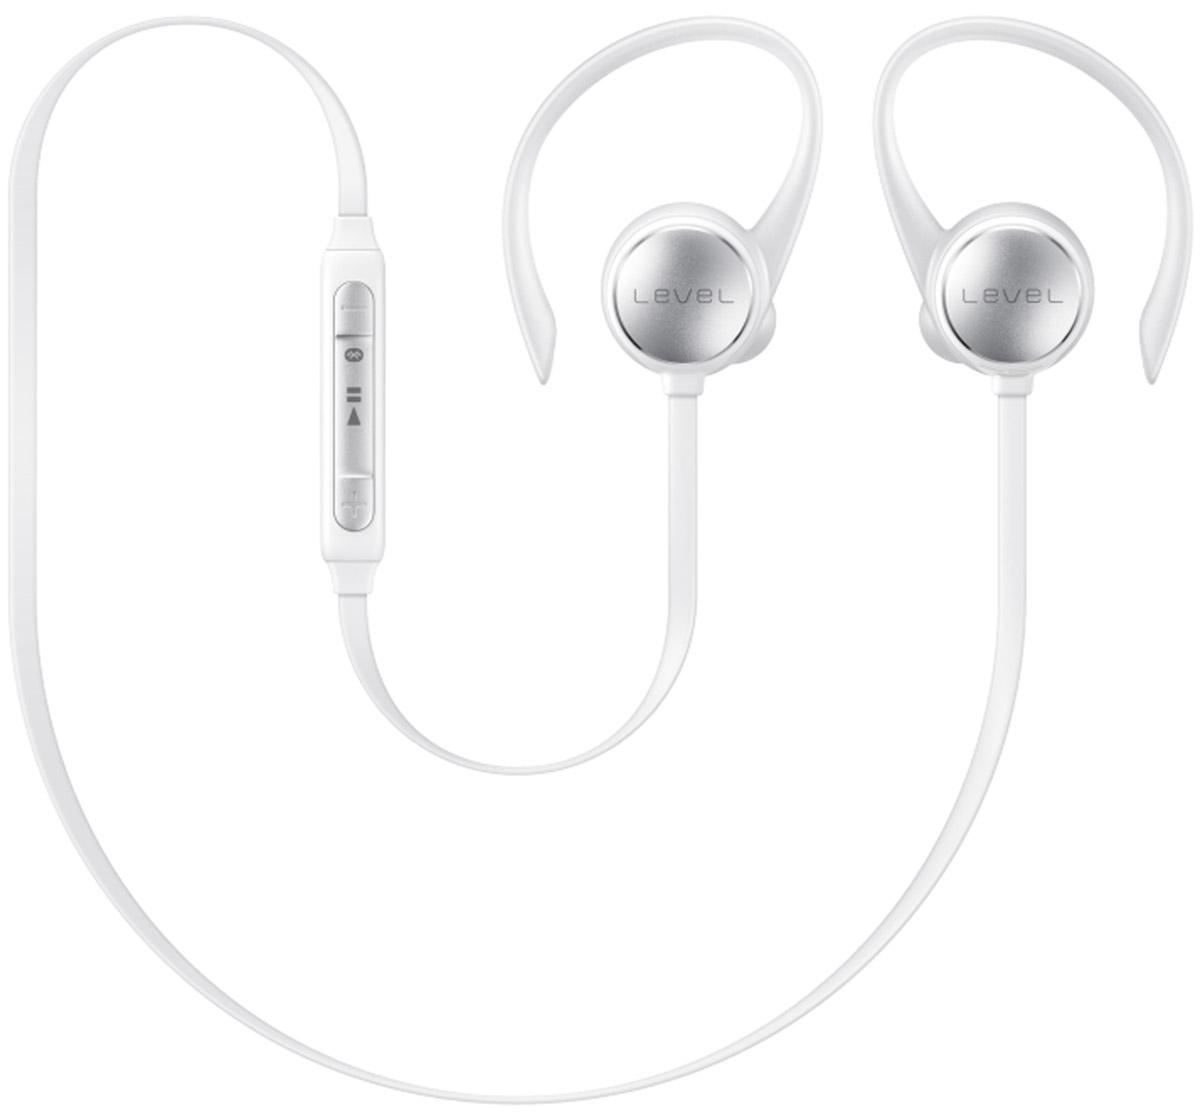 Беспроводные наушники Samsung Level Active, белый гарнитура bluetooth samsung level active стерео черный [eo bg930cbegru]